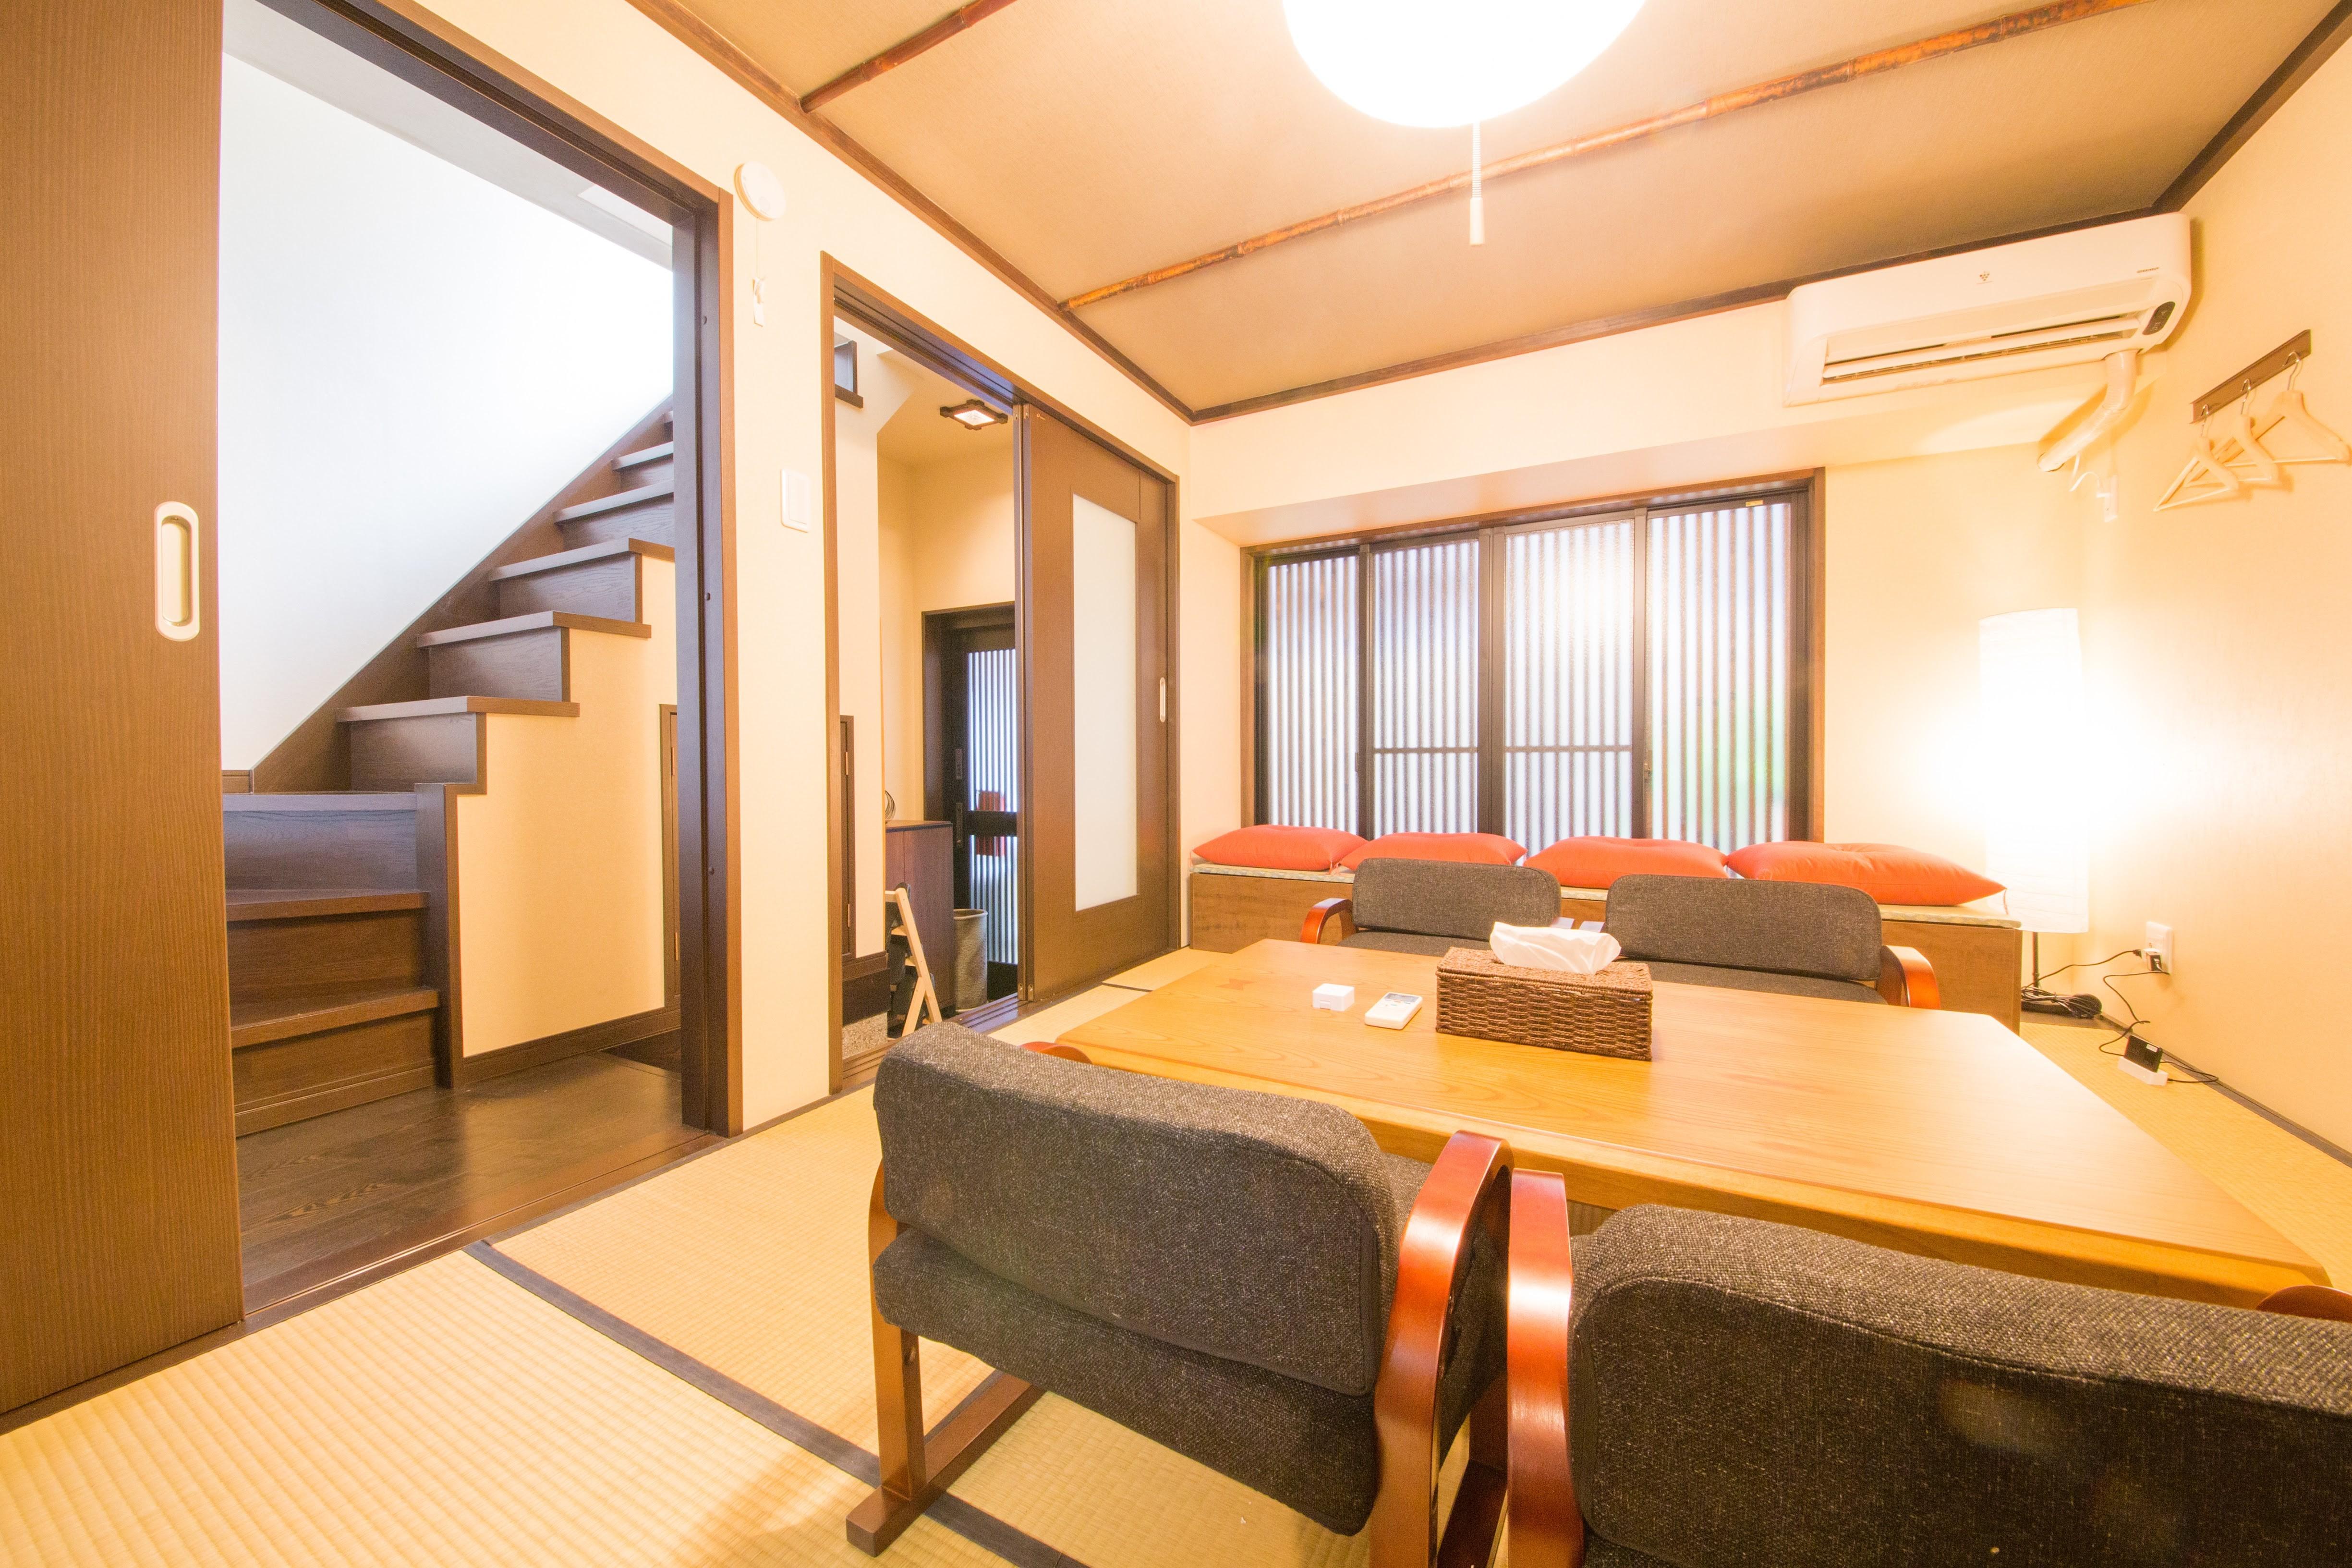 日式雙層旅居-烏丸站&烏丸御池站&四條站/附設家庭投影機/最多6人入住